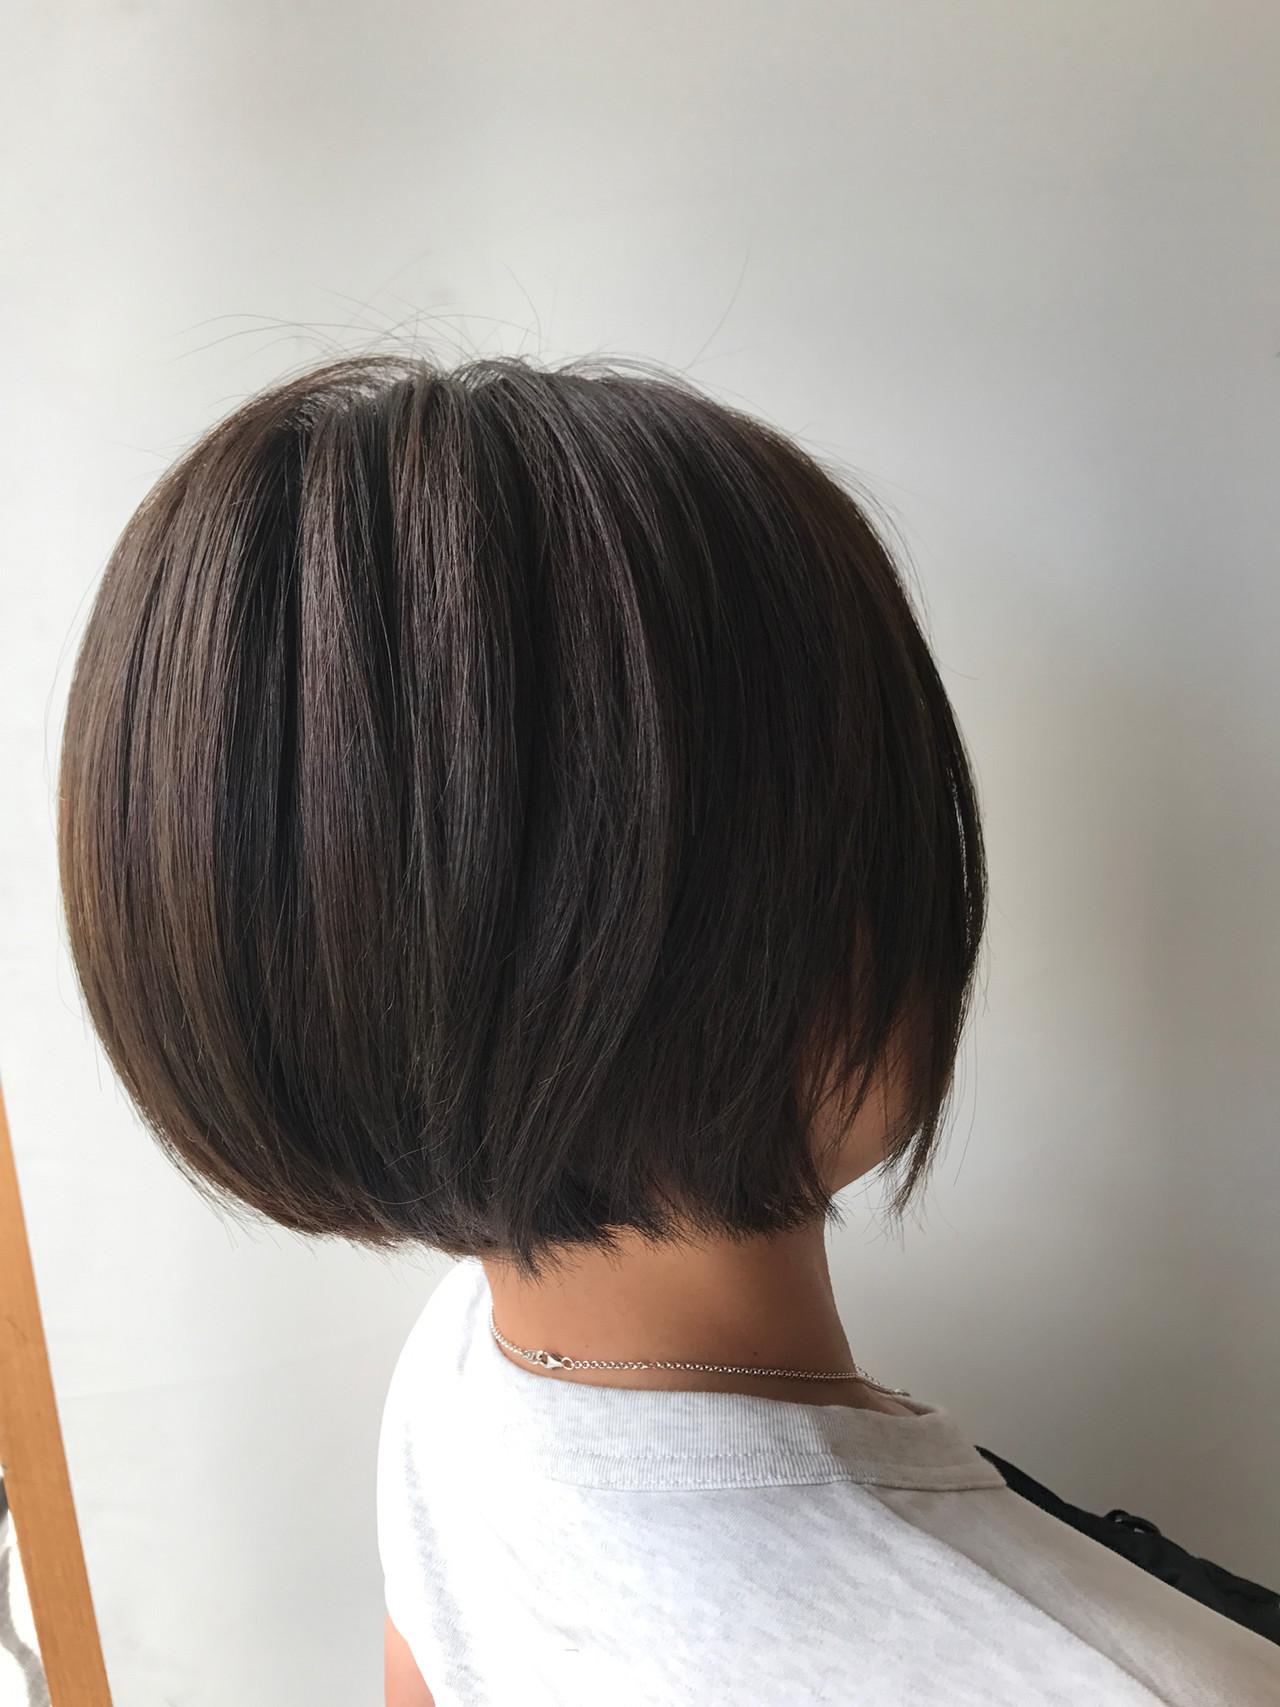 ショート アウトドア オフィス スポーツ ヘアスタイルや髪型の写真・画像 | Hiroさん / モリオフロムロンドン原宿本店